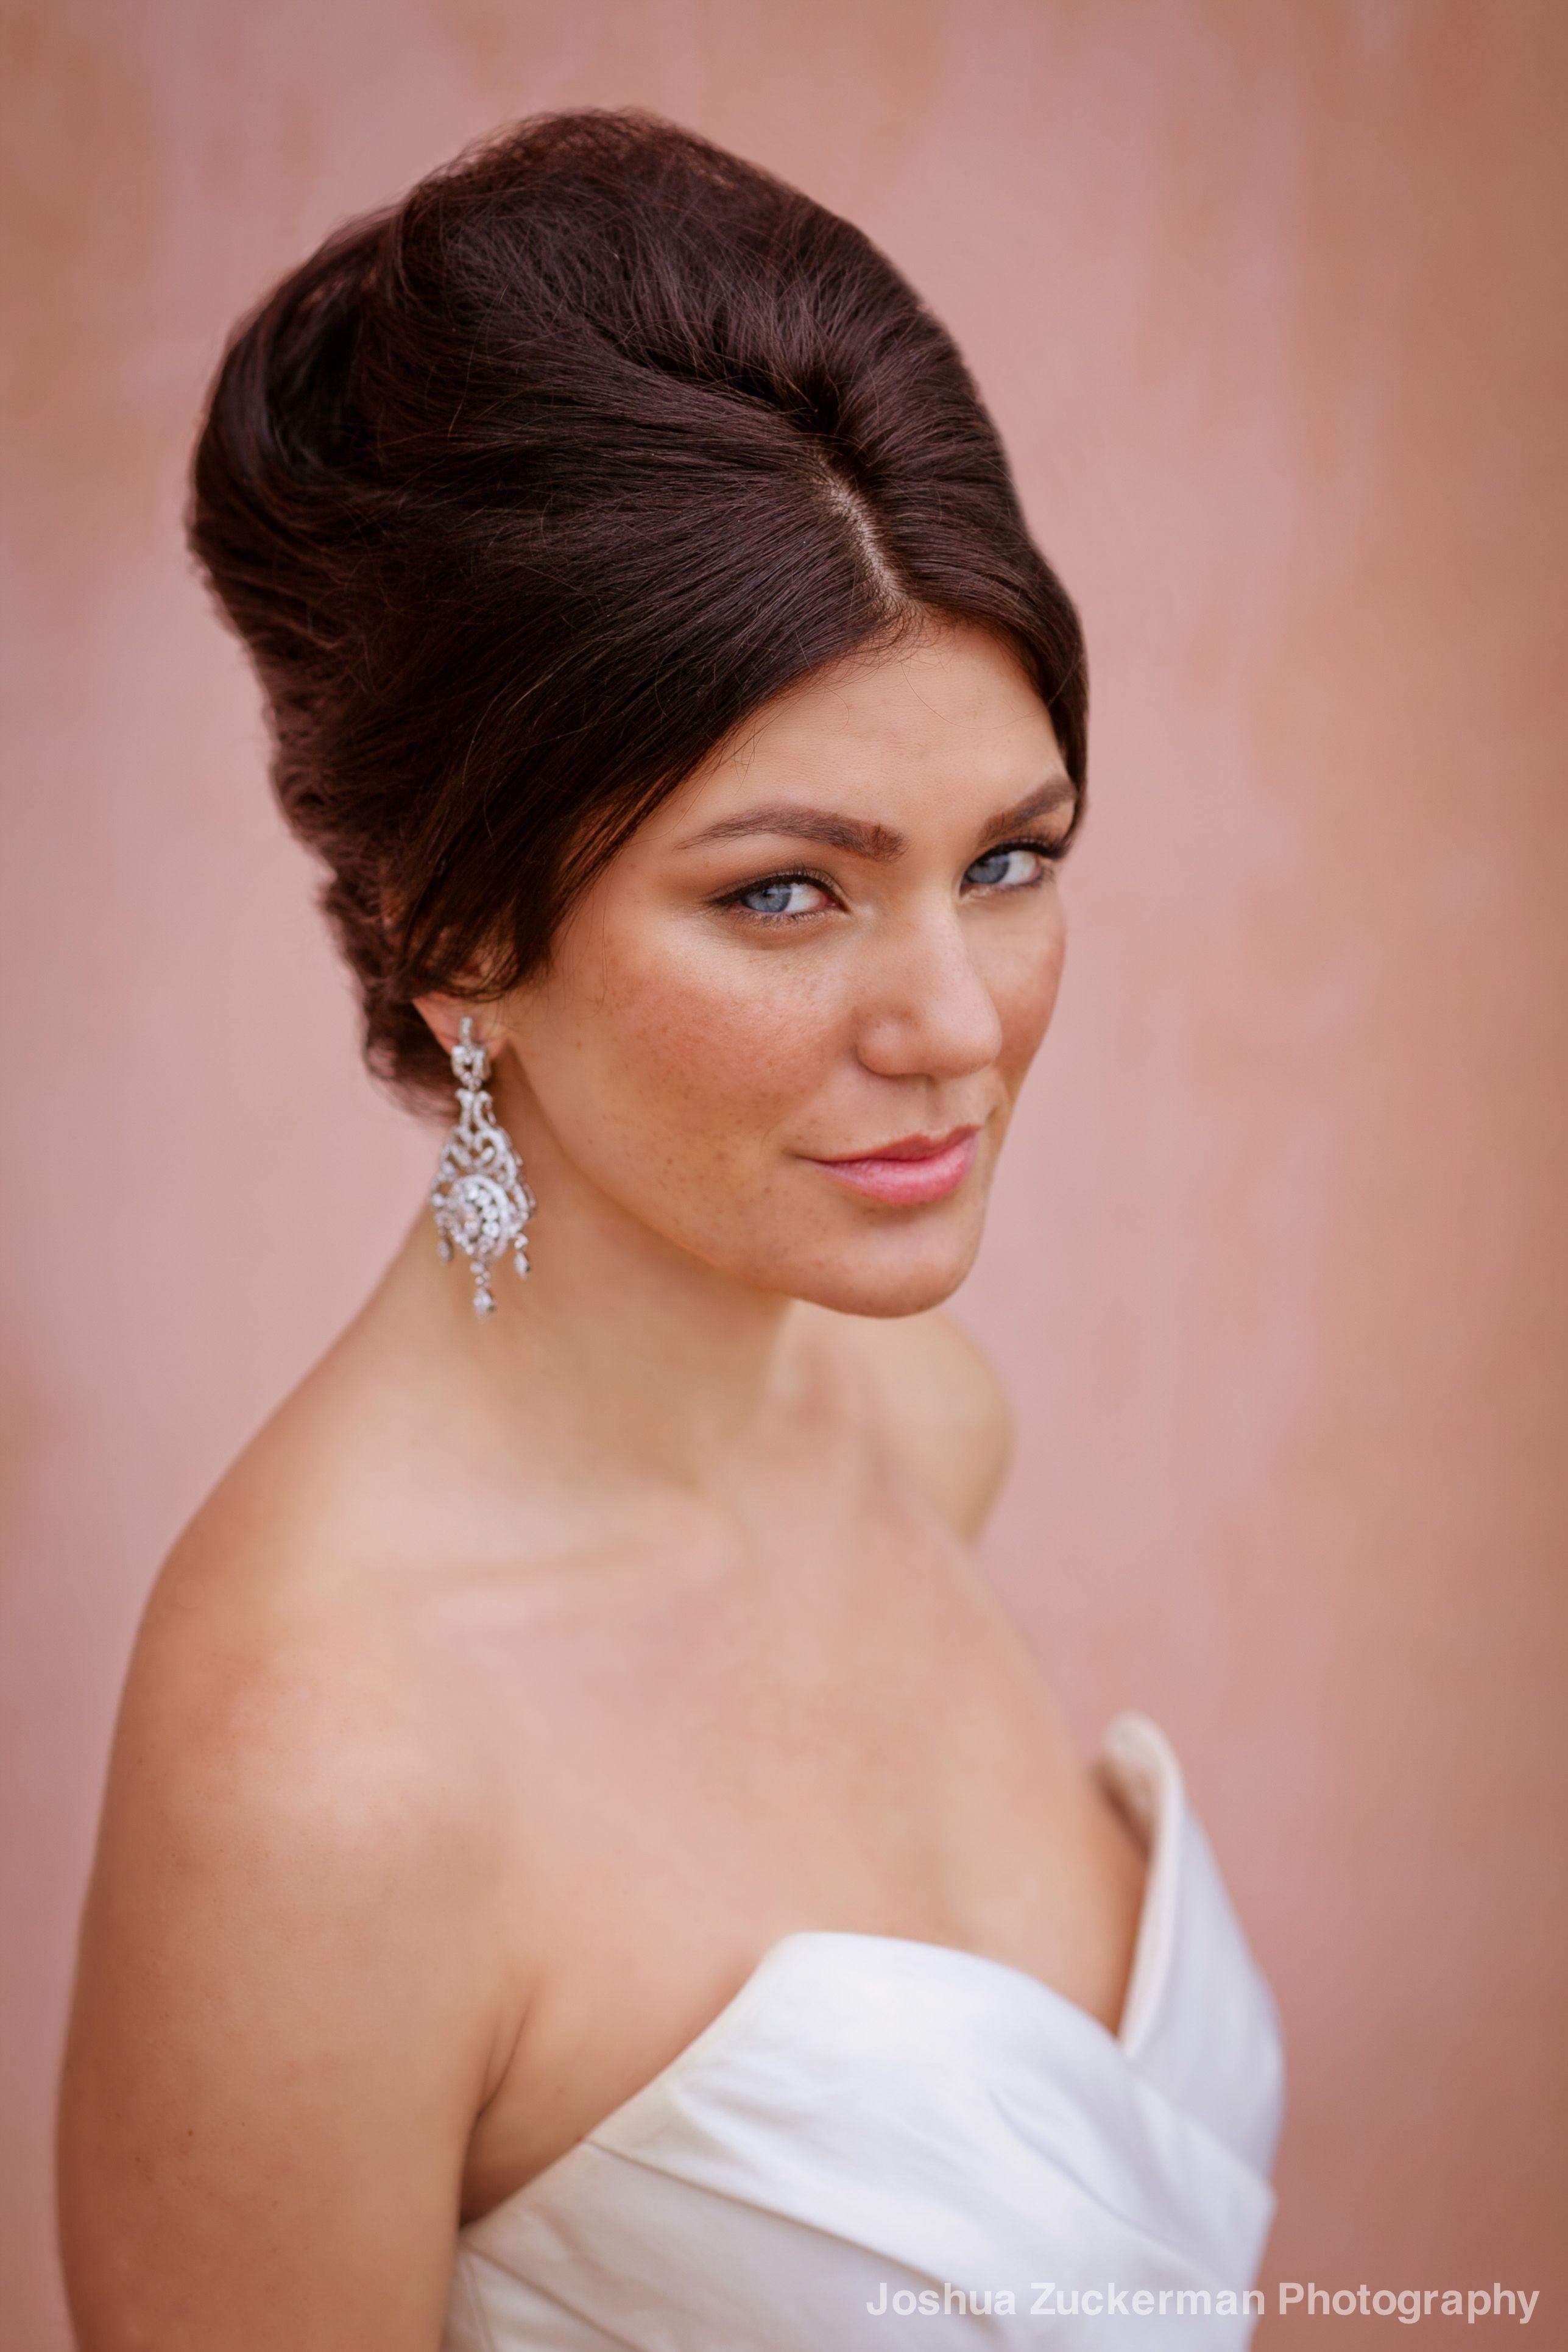 retro bride. wedding hair updo and soft, natural bridal